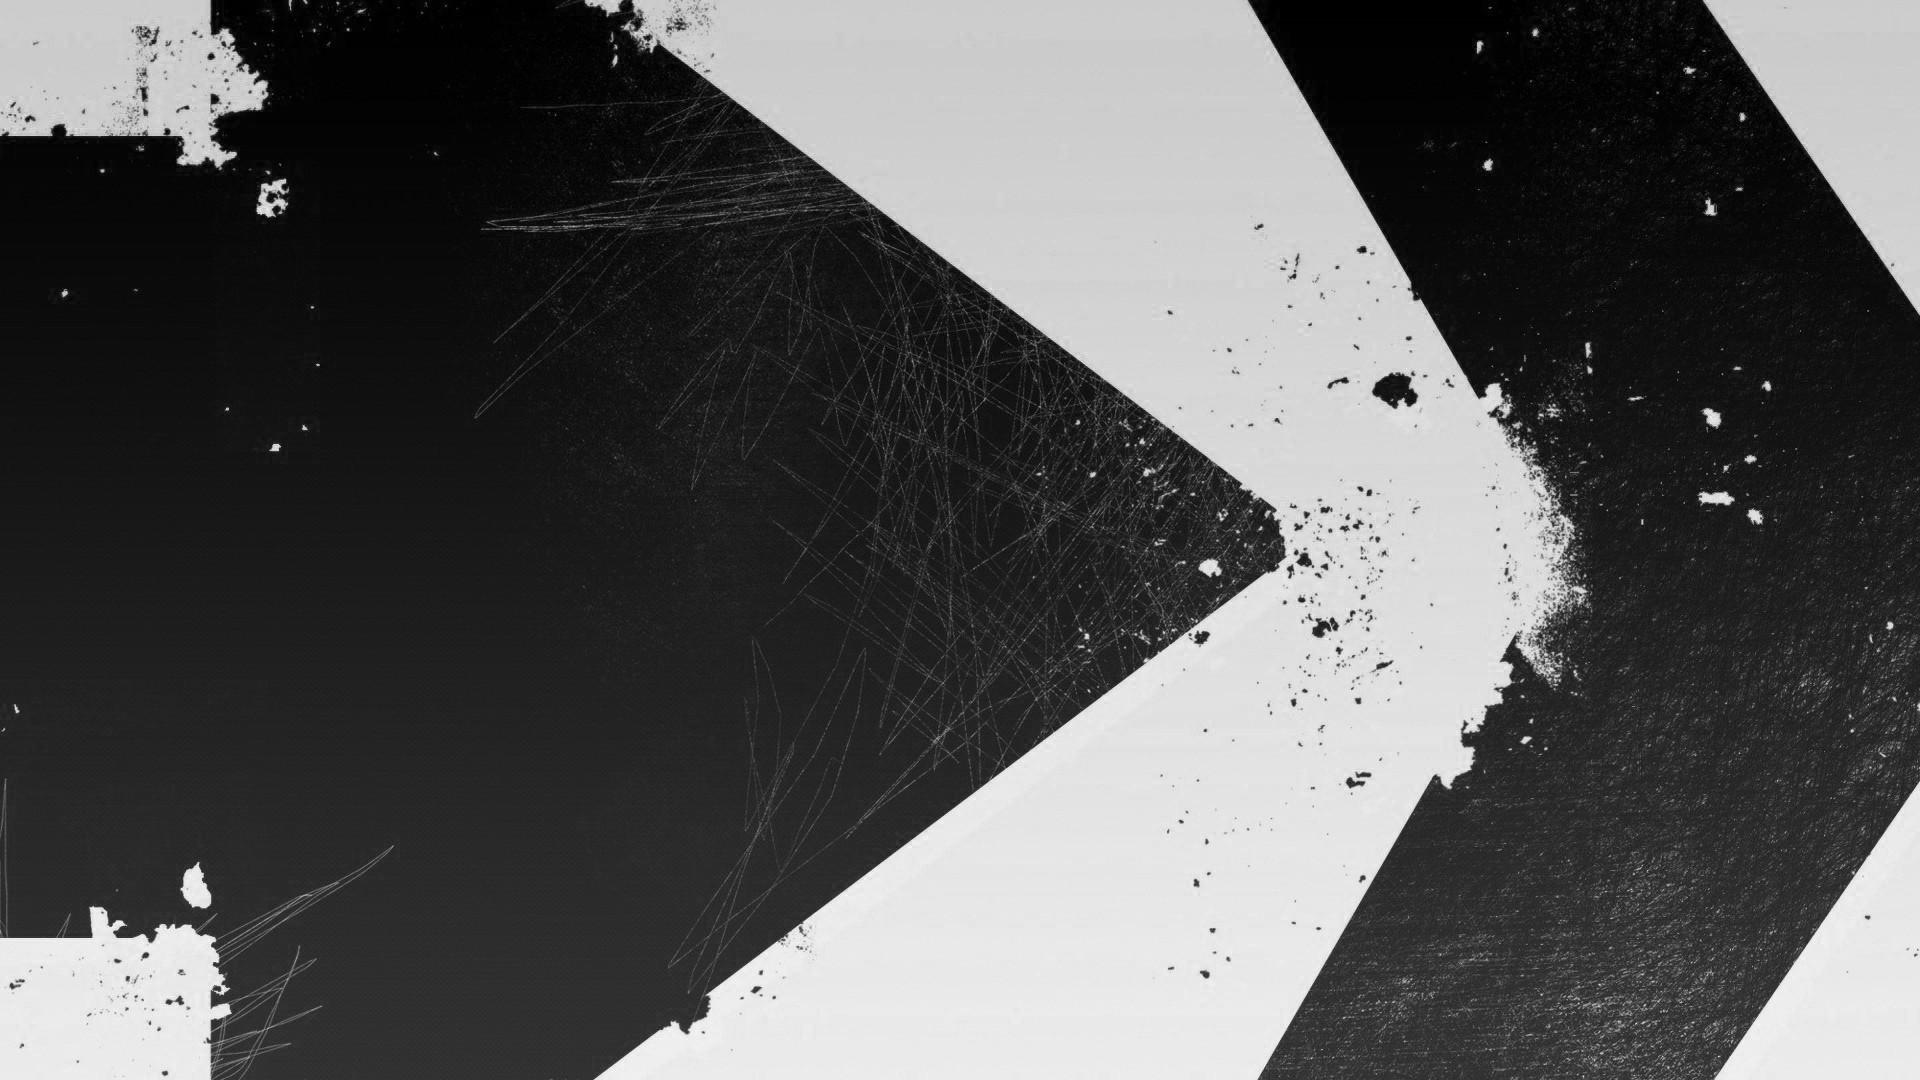 101 Gambar Abstrak Simple Hitam Putih Paling Bagus